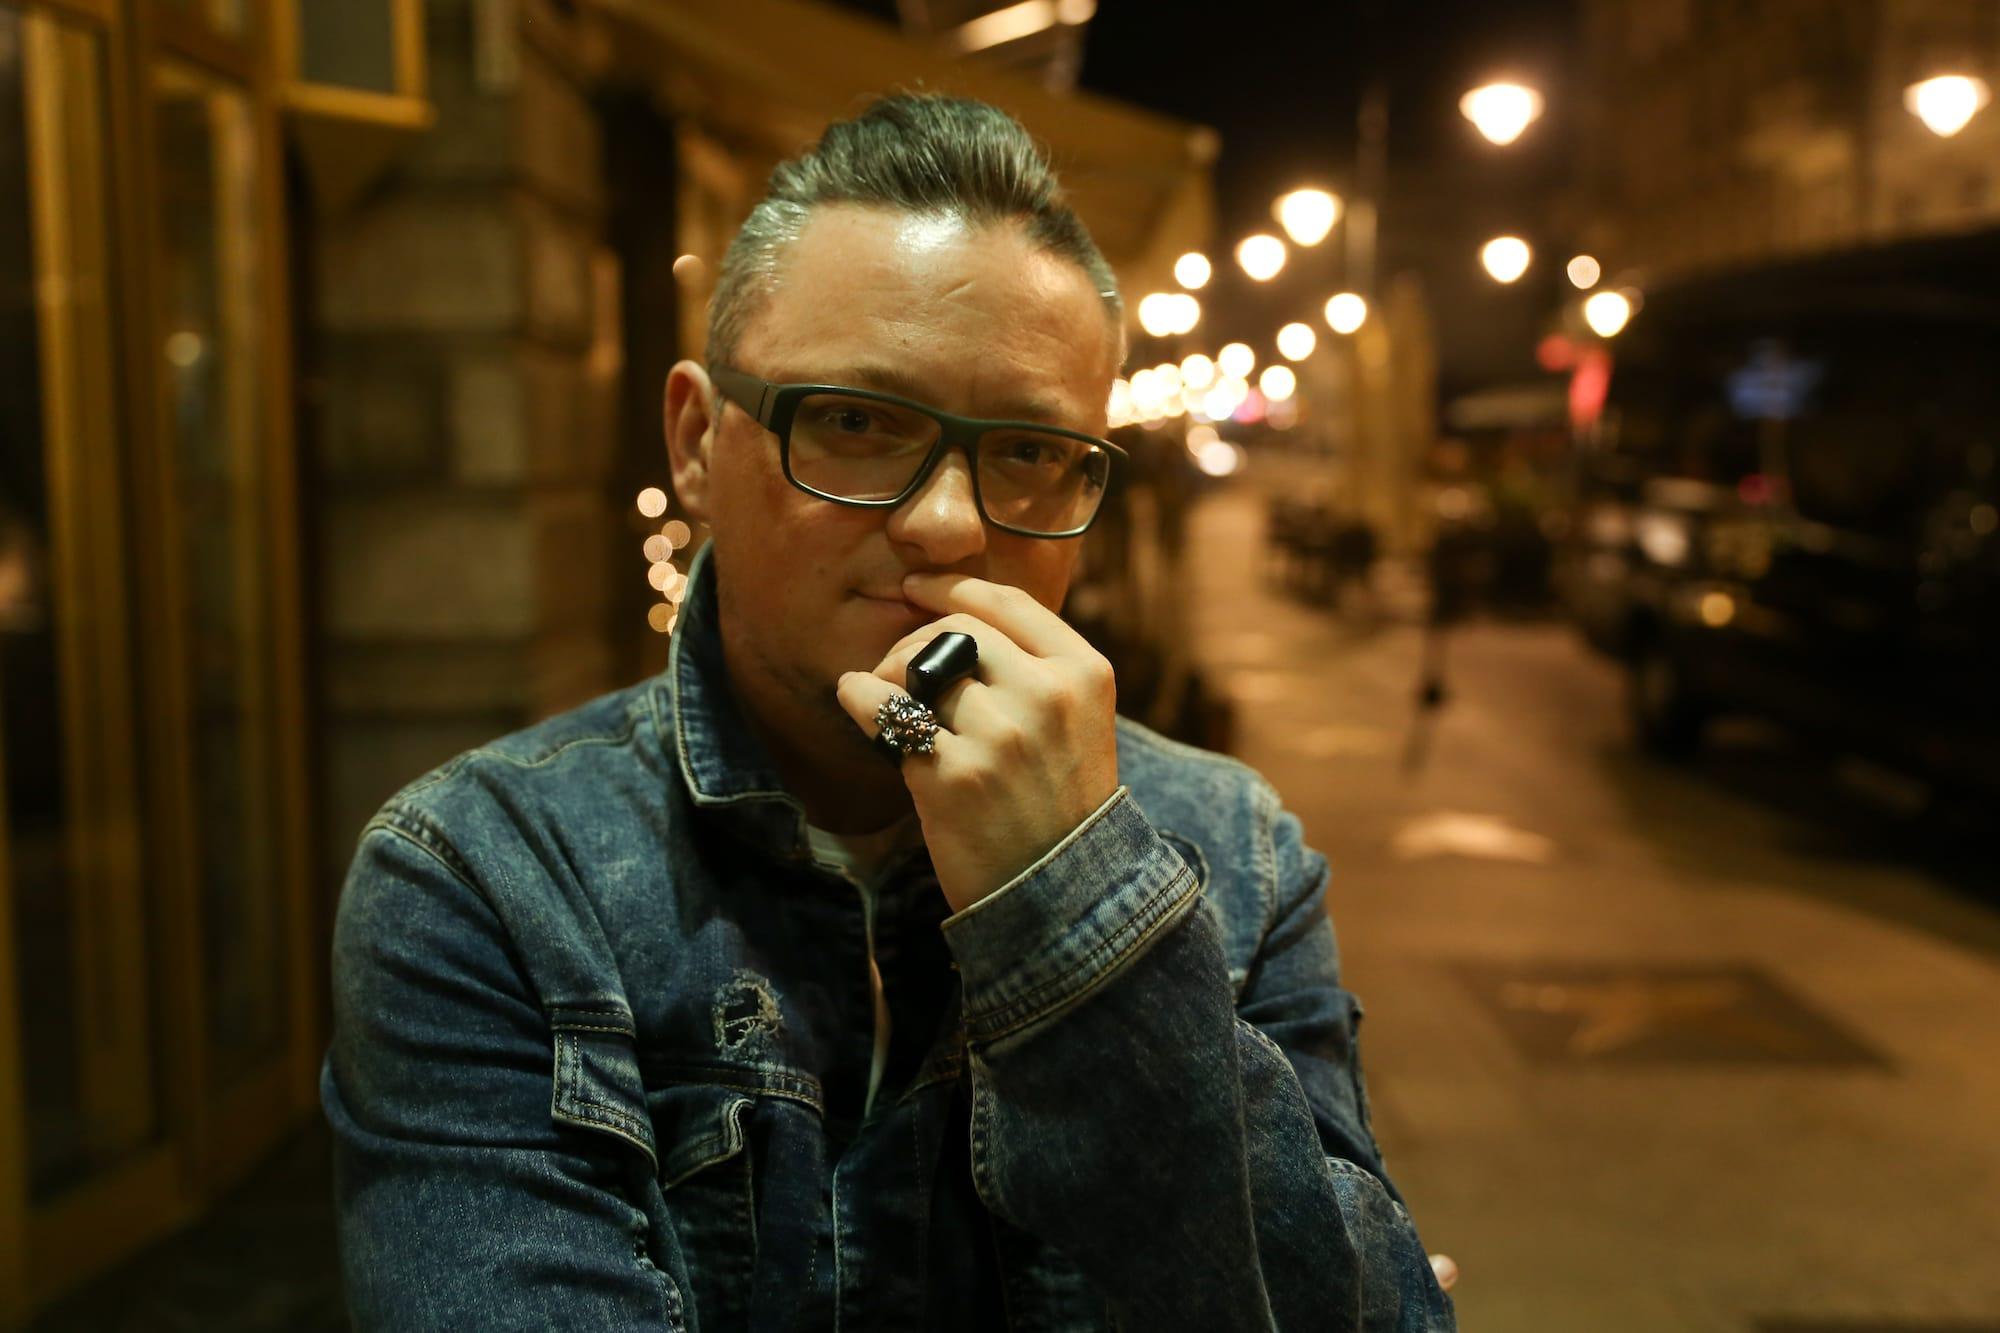 Michal_Wawrzyniak